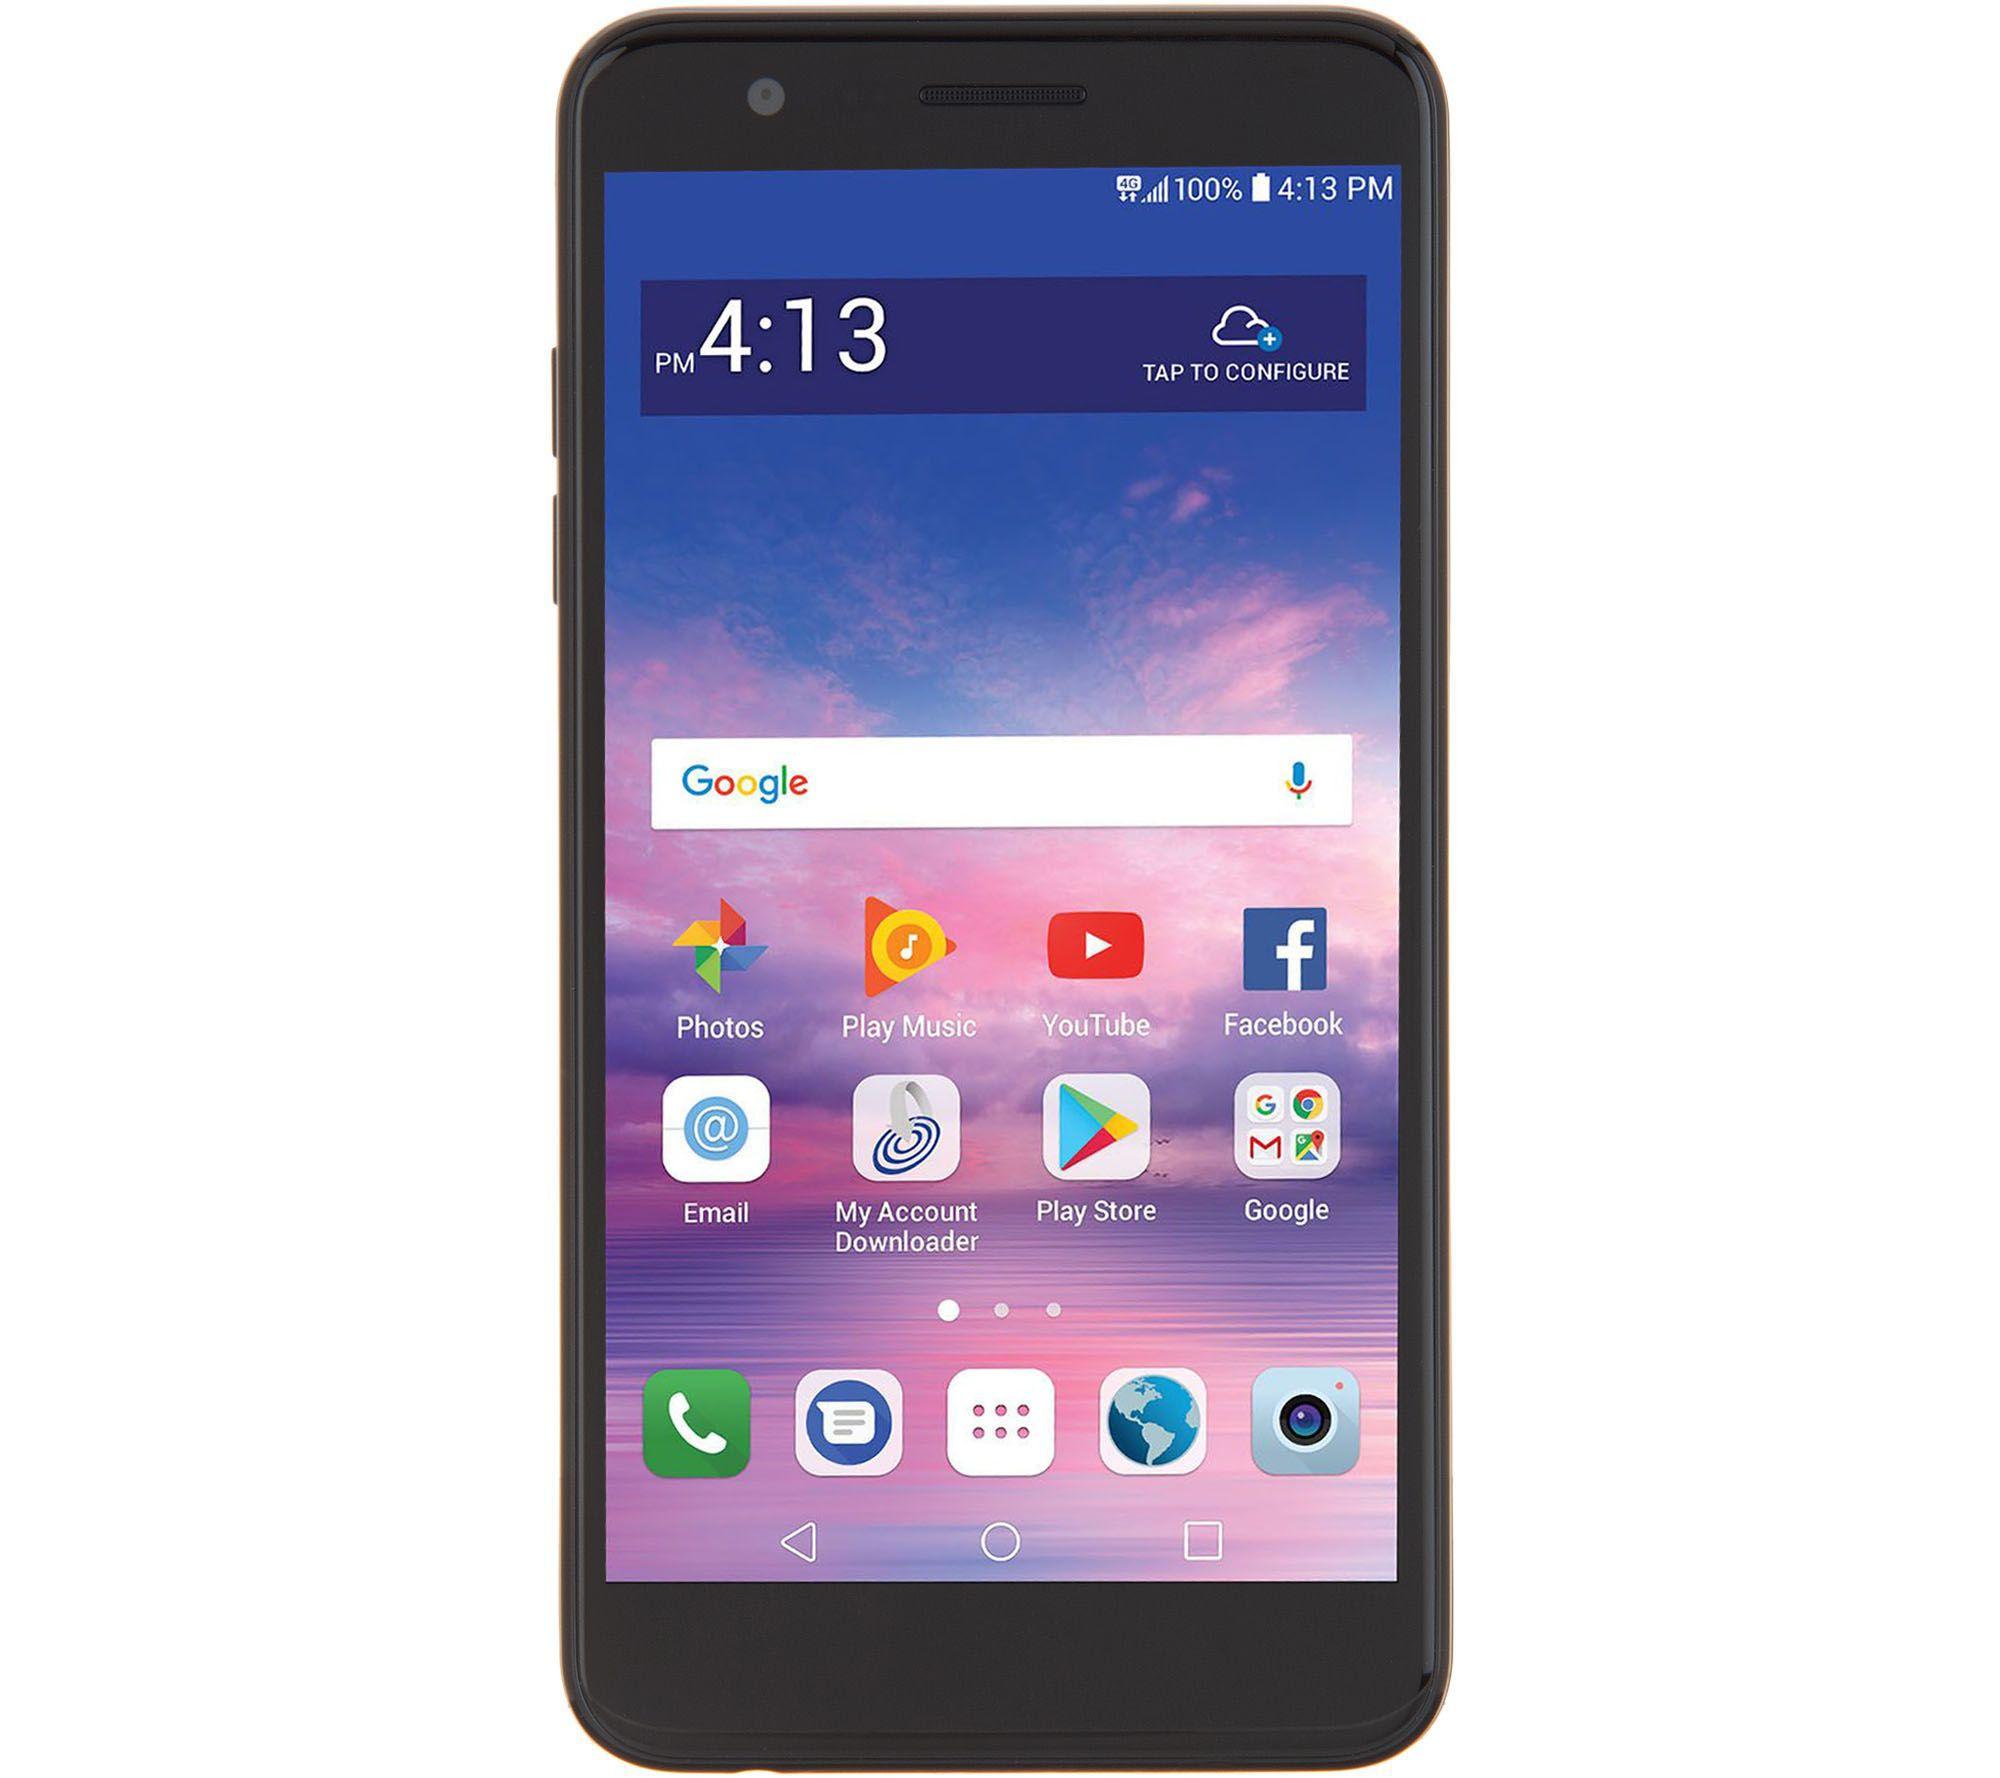 Tracfone Compatible Smartphones >> Tracfone Lg Premier Pro 5 3 Smartphone W Case 1500 Min Text Data